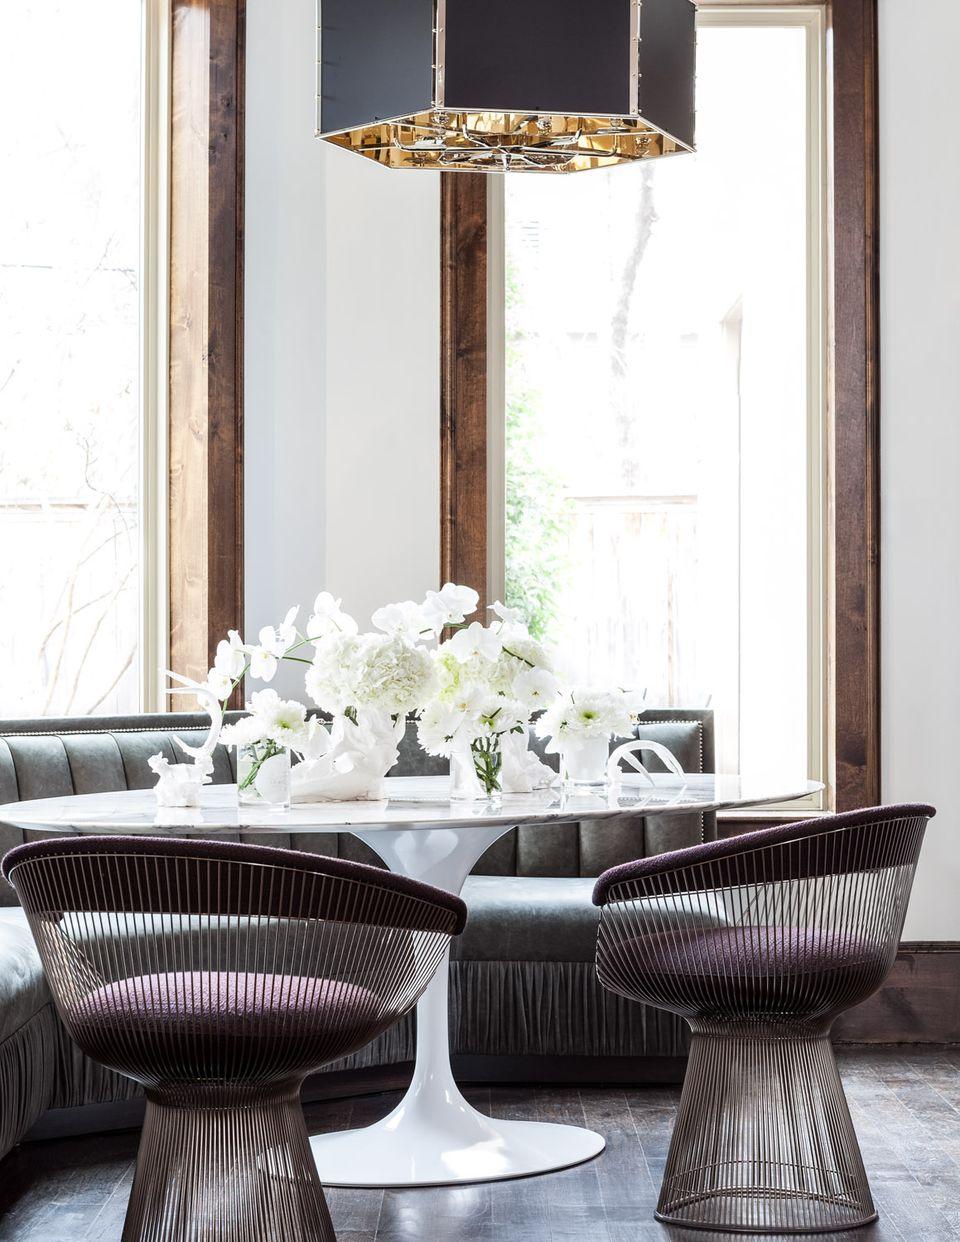 Saarinen Oval Dining Table DRIFT Nashville - Saarinen oval dining table 78